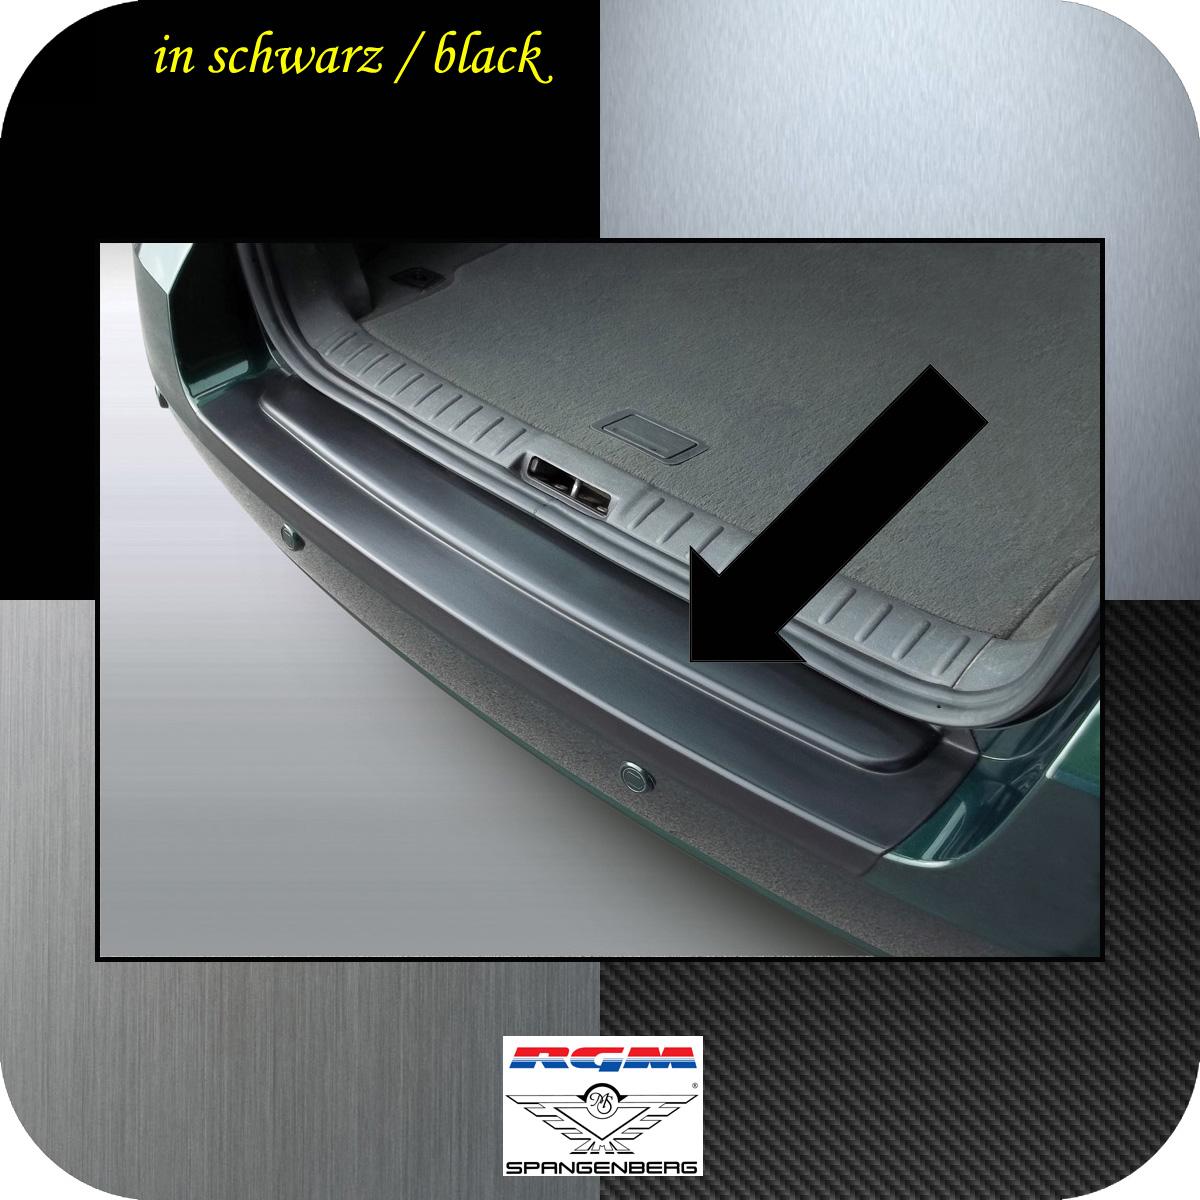 Ladekantenschutz schwarz Rover 75 Tourer Kombi ab facelift 2004- 3500622